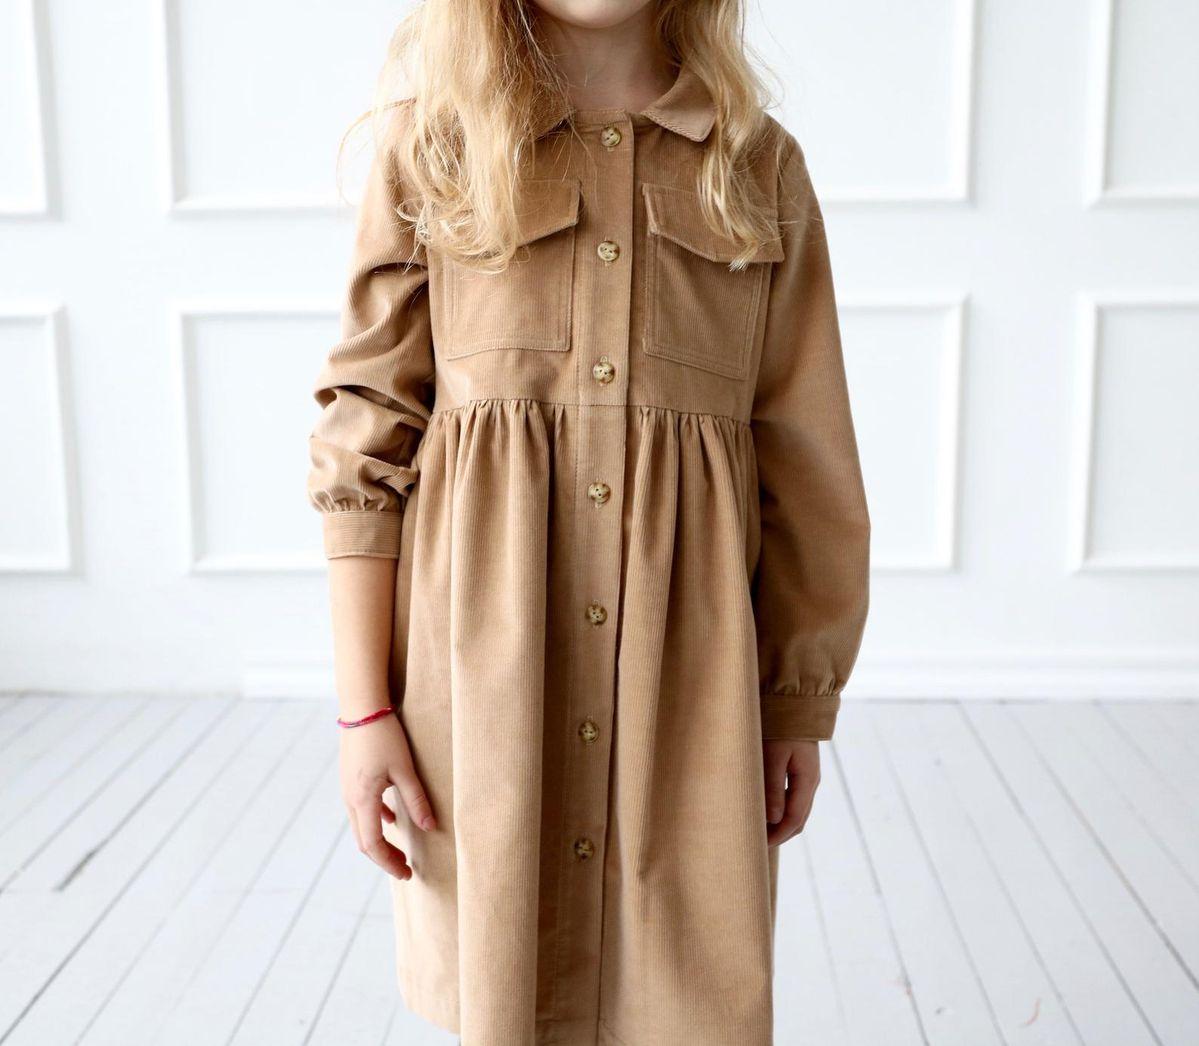 Velvet shirt dress for girl/OFFON CLOTHING